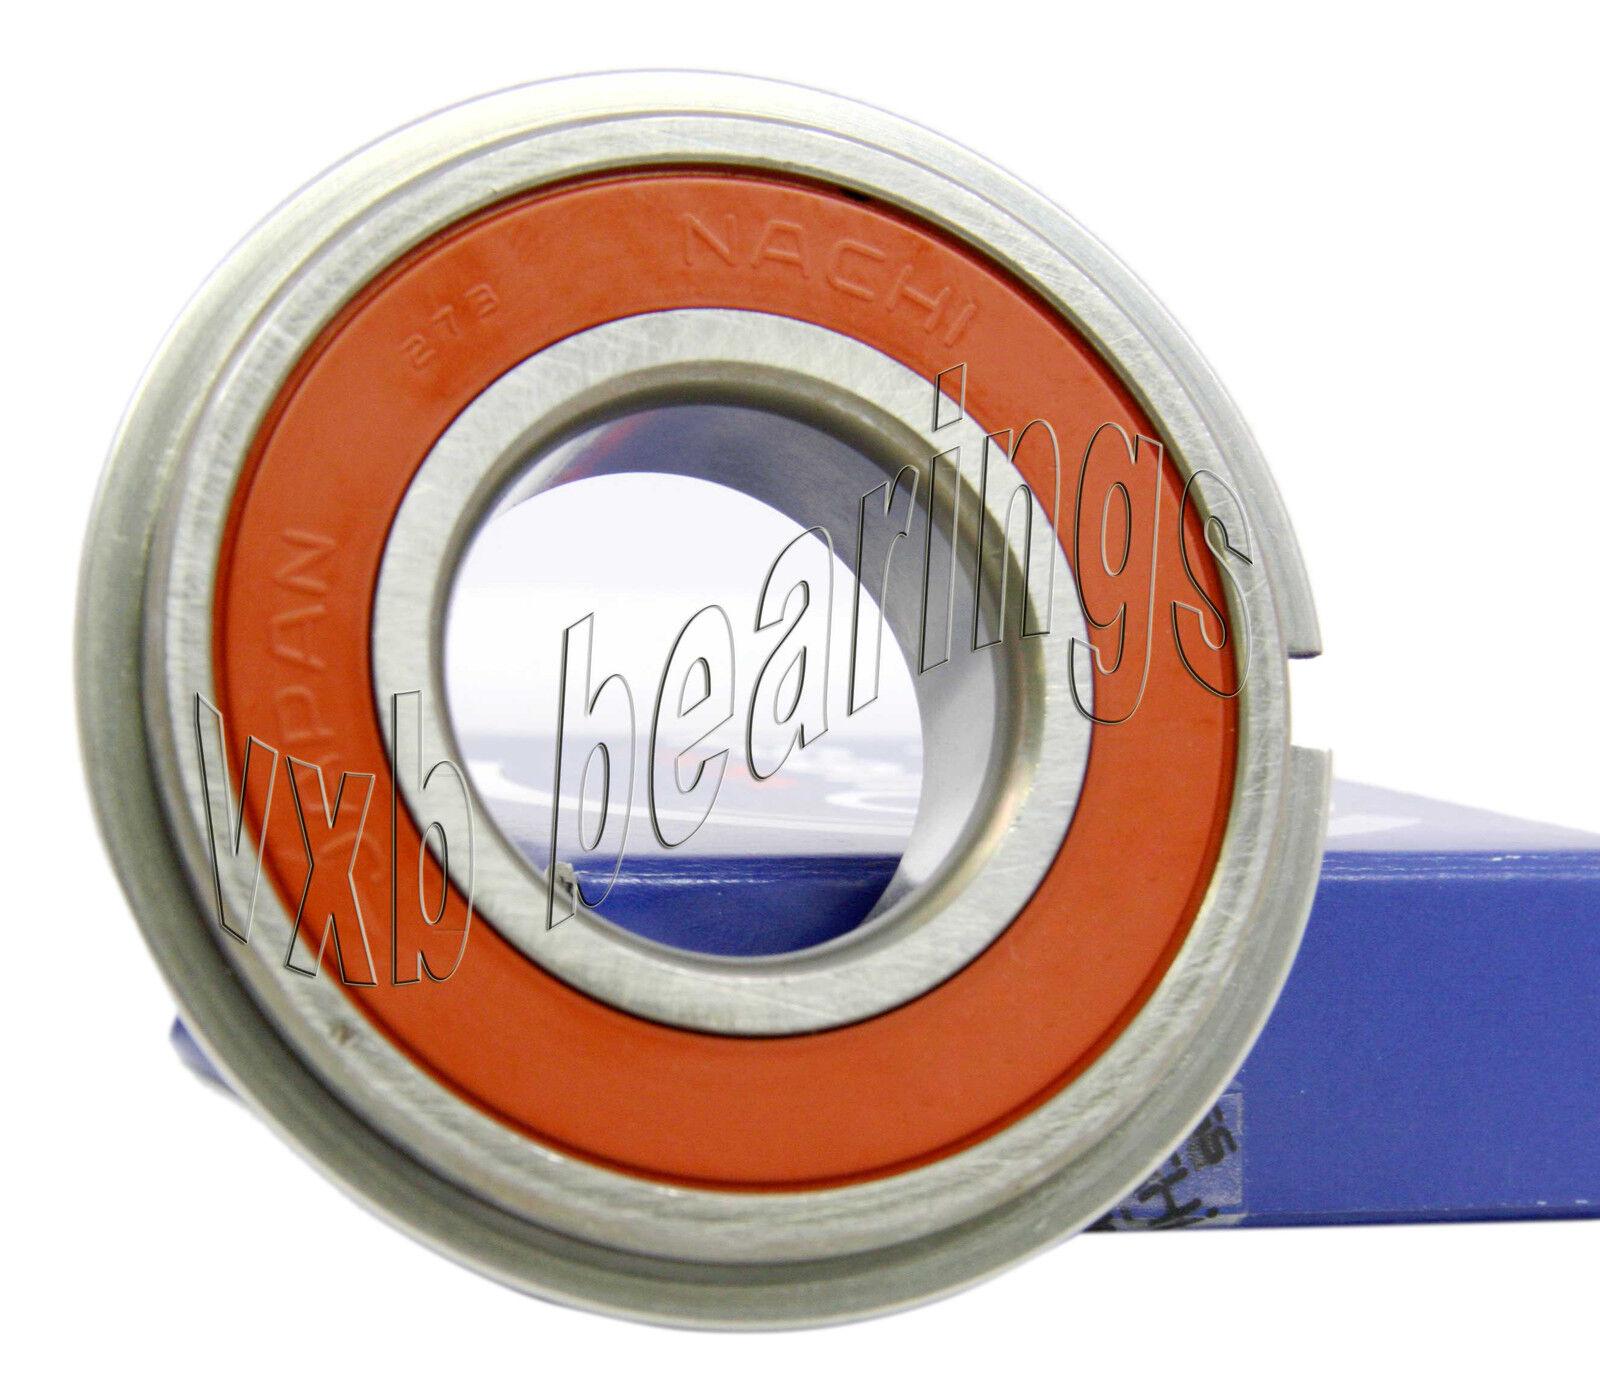 6213NR Nachi C3 Snap Ring Japan 65mm x 120mm x 23mm Ball Bearings